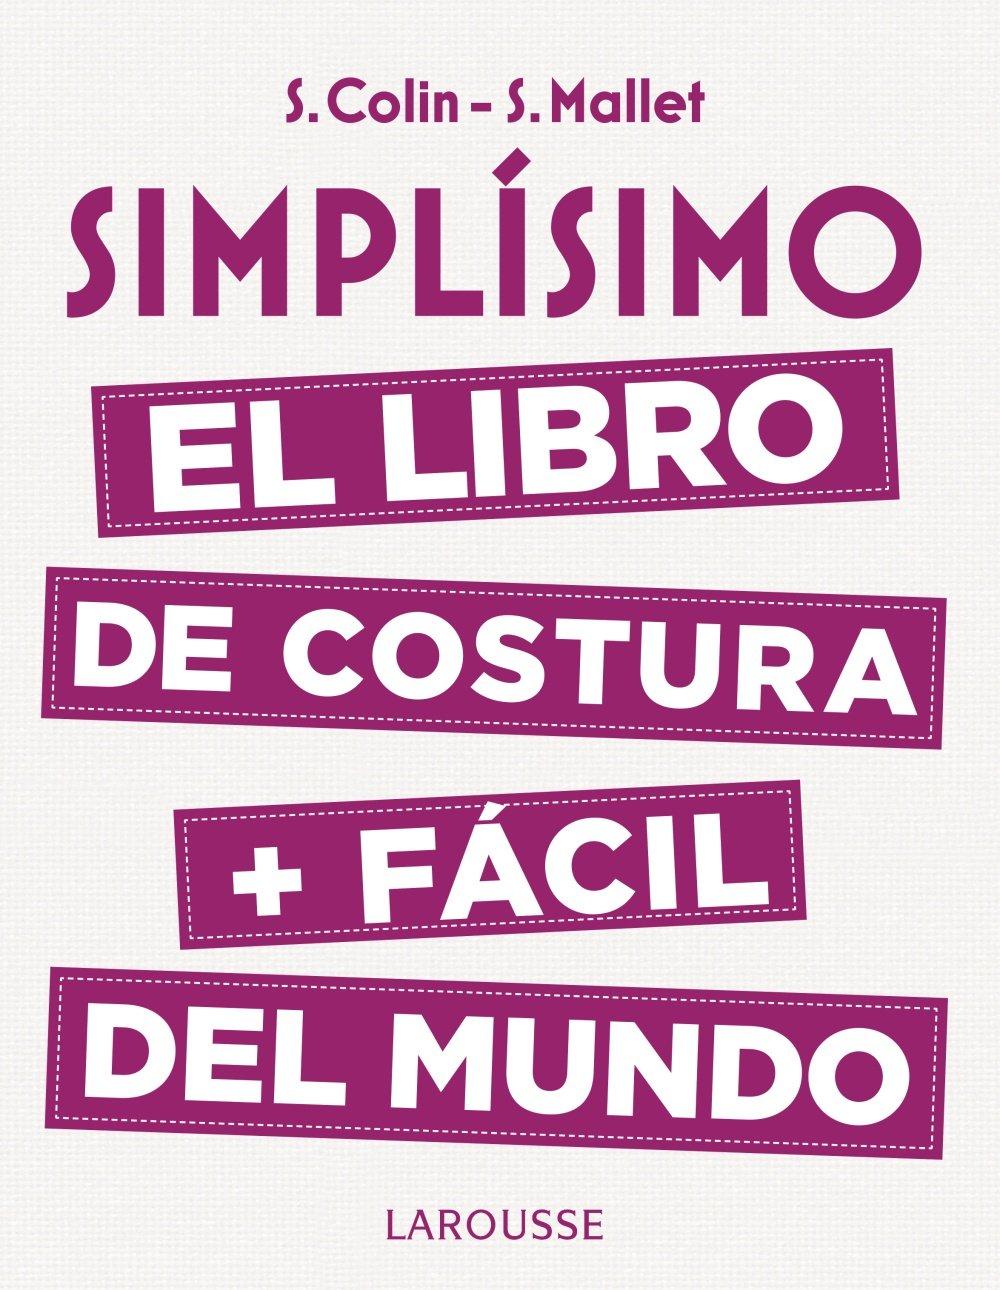 Simplísimo: el libro de costura + fácil del mundo de Stéphanie Colin y Sandrine Mallet